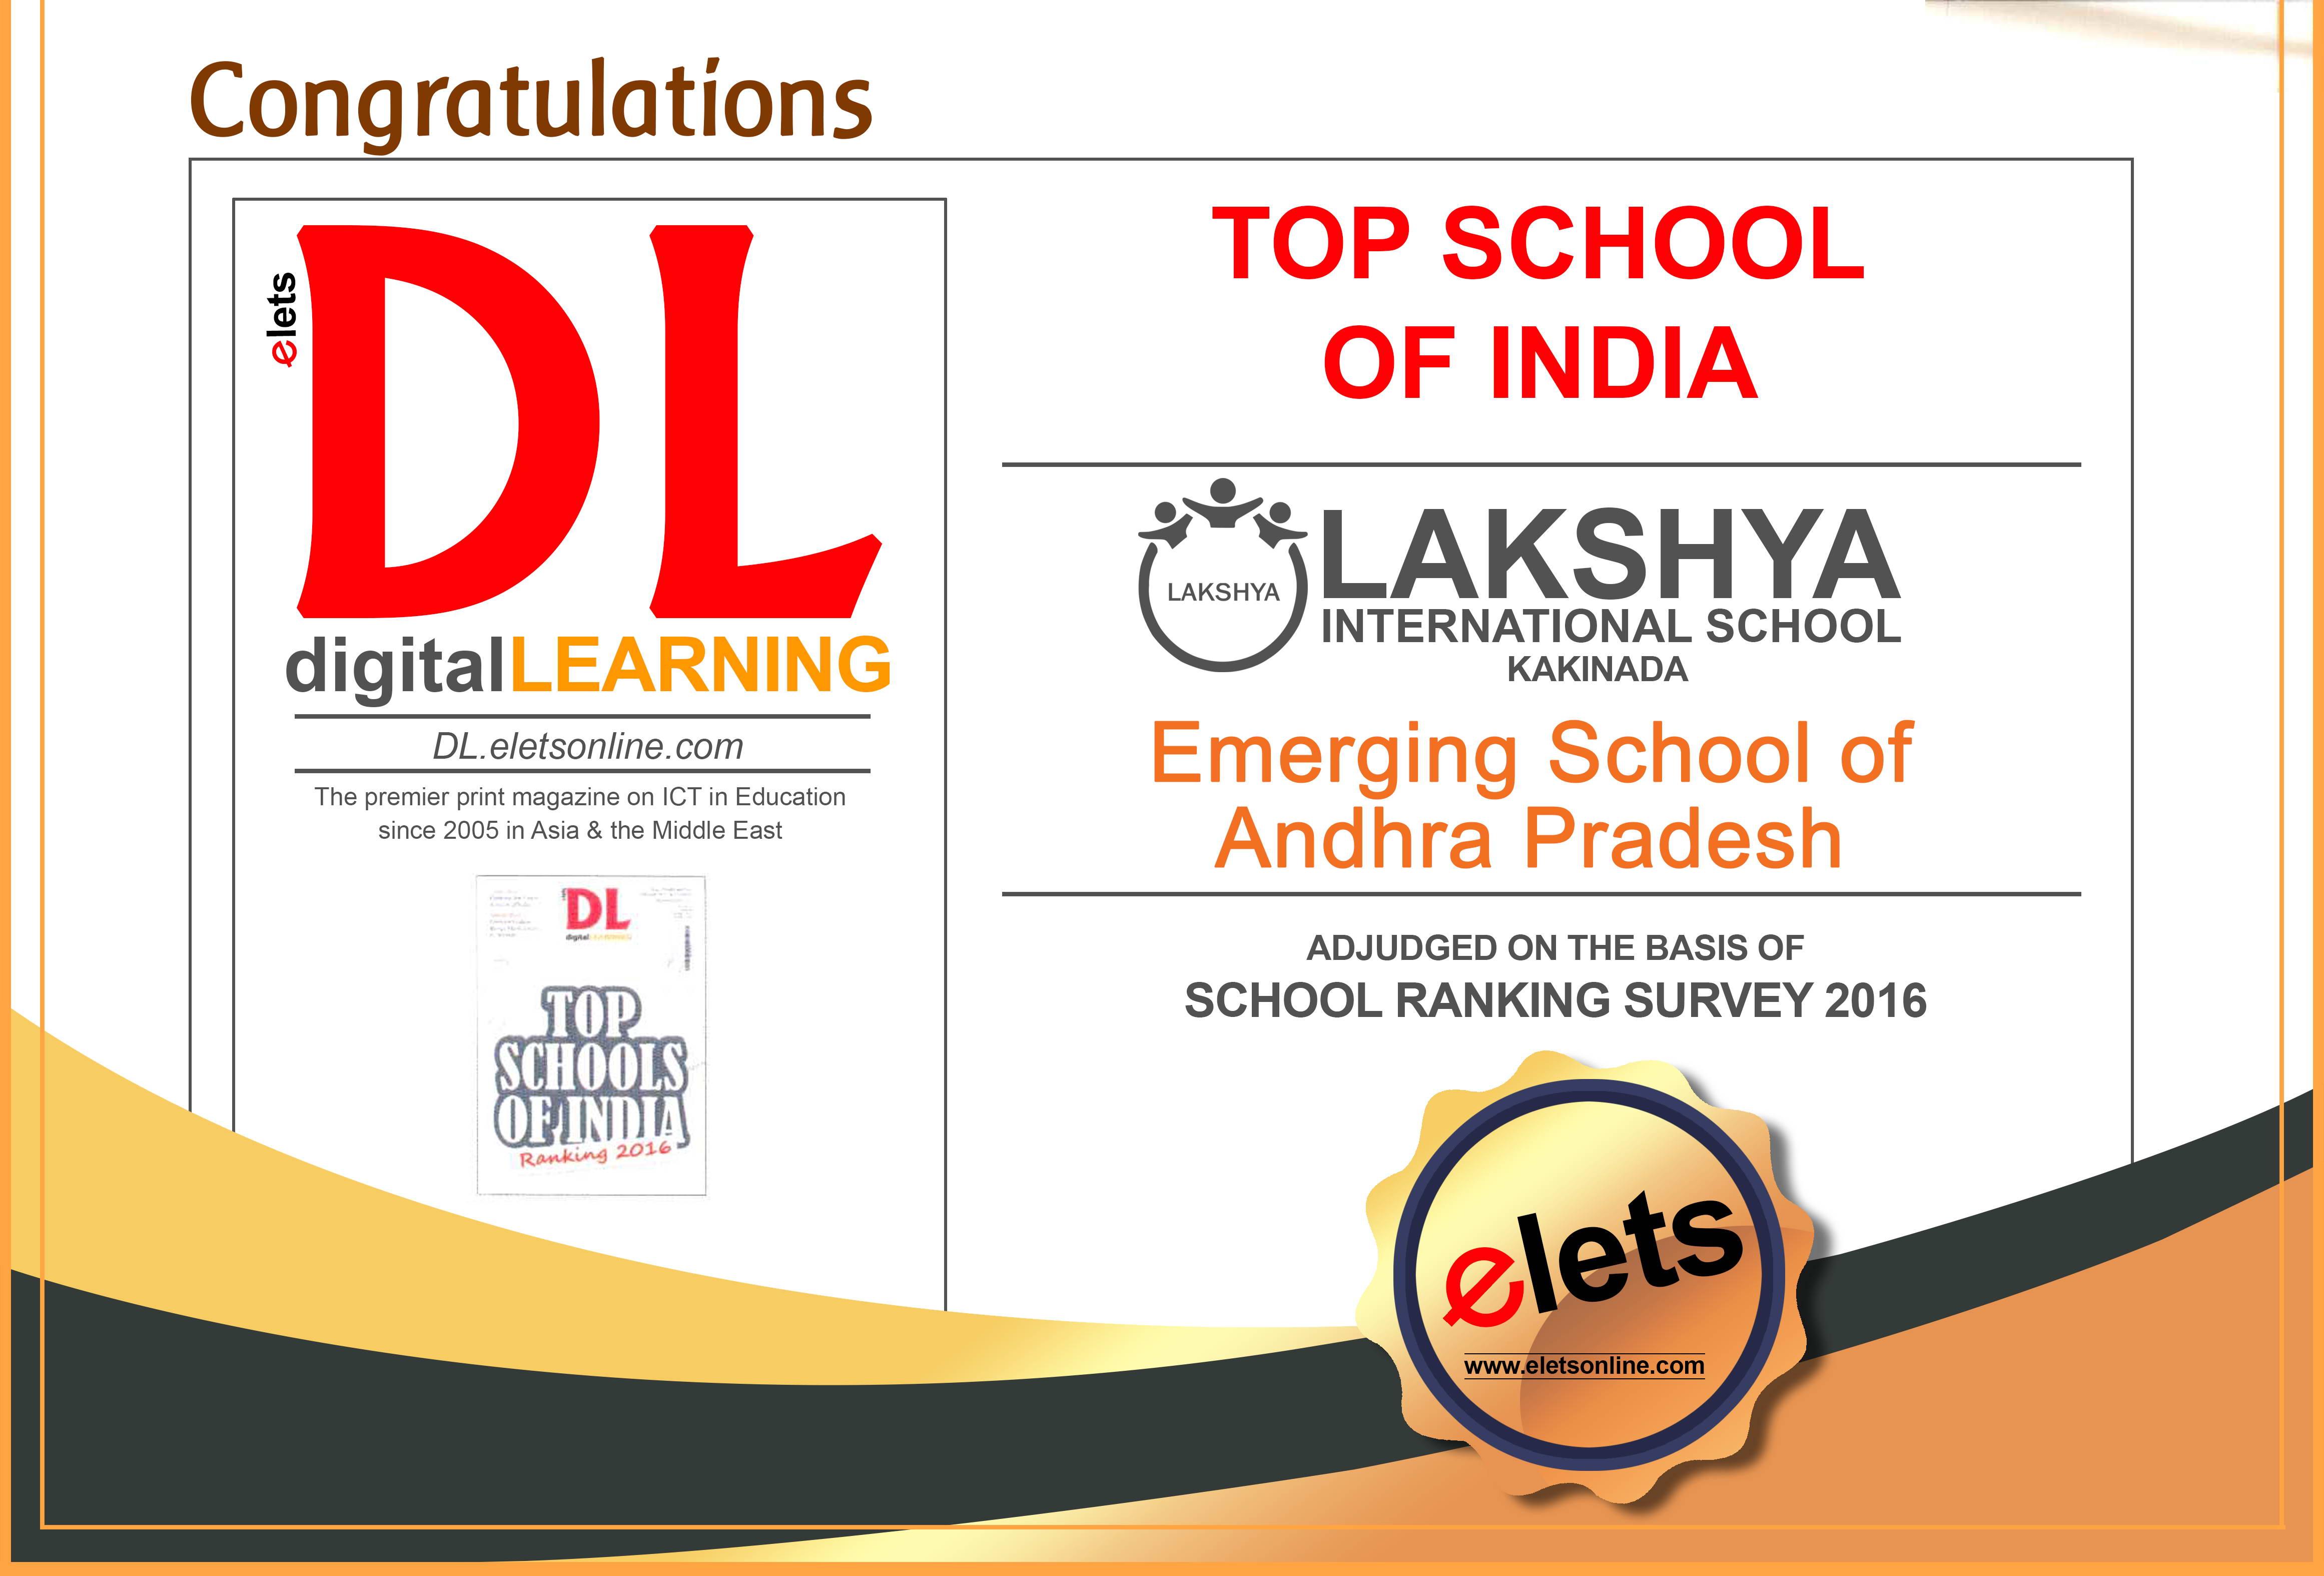 Top school of india